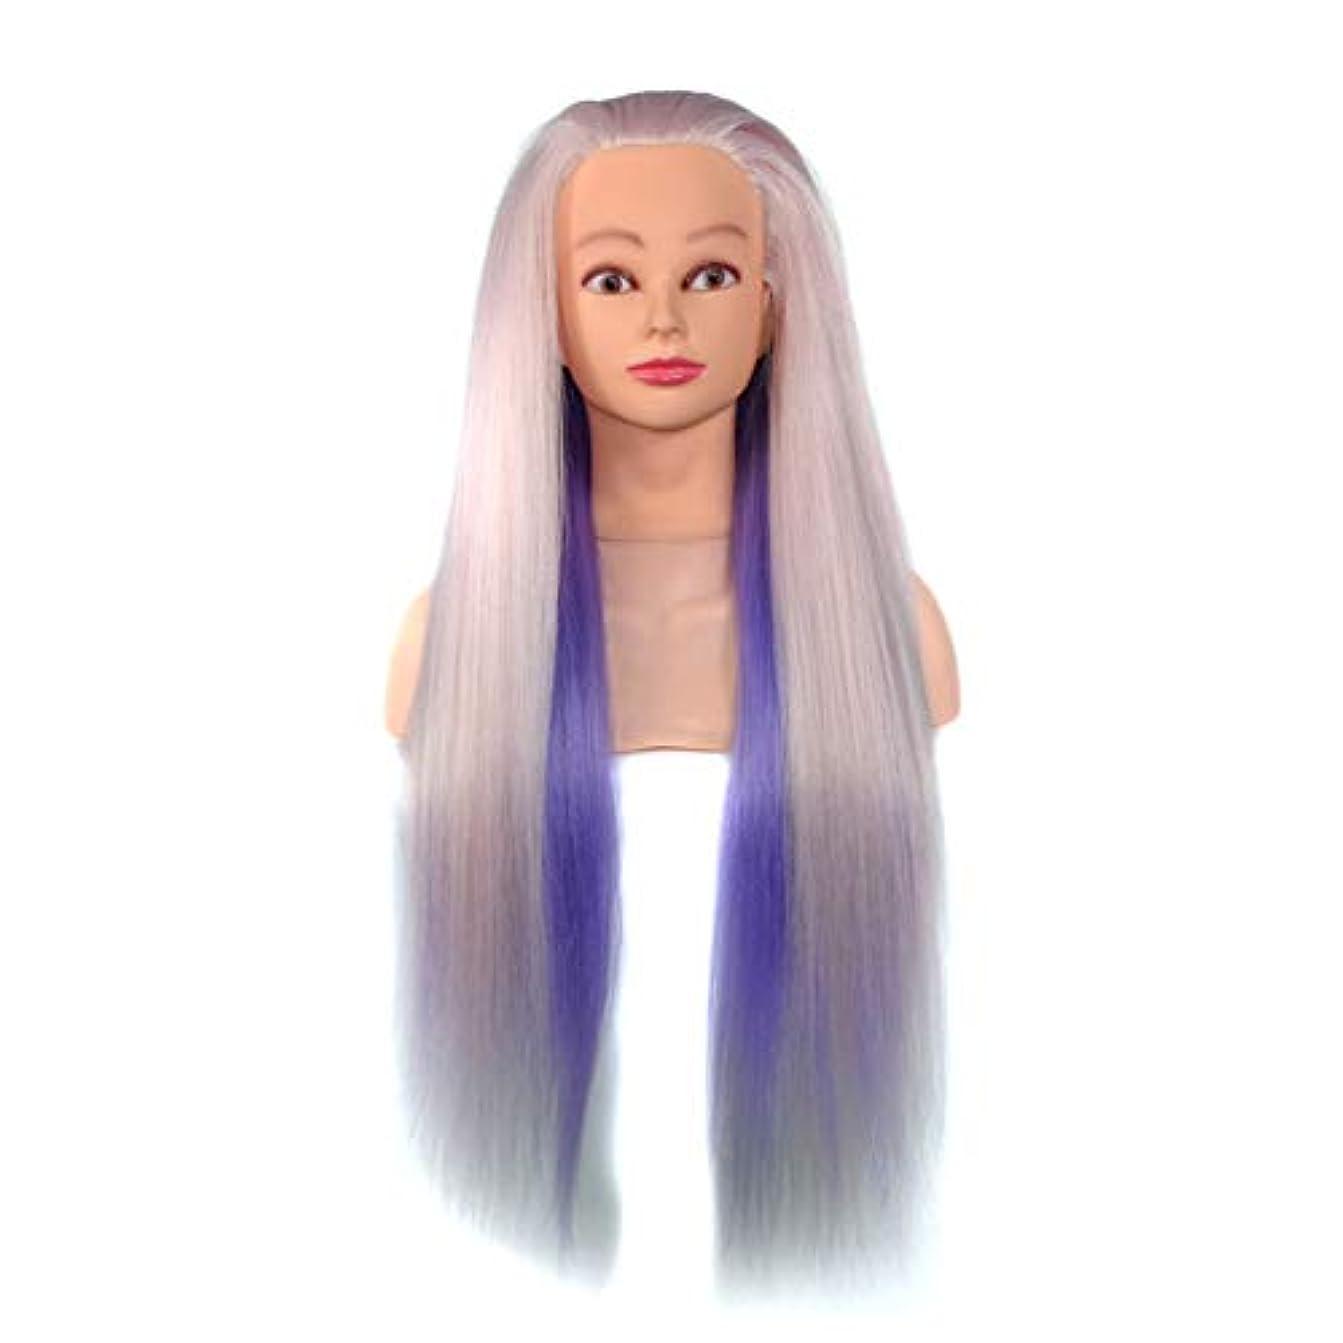 高温シルク花嫁編組エクササイズヘッドサロン教育グラデーショントレーニングヘッド理髪学習ヘッドモデル